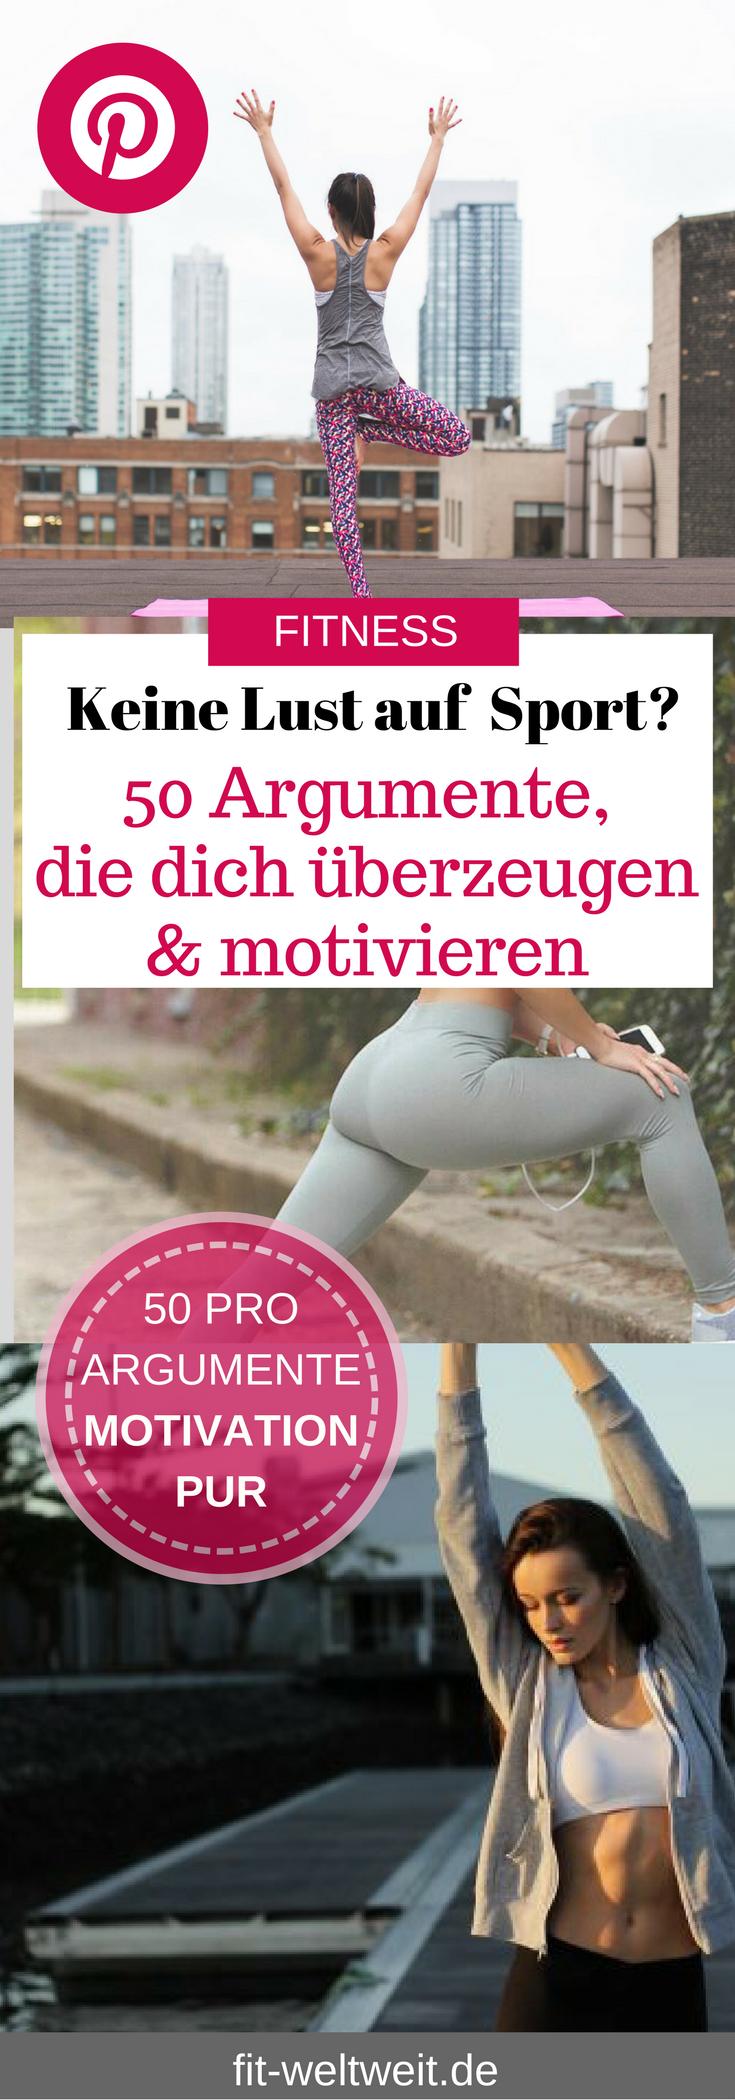 Fitness im Alltag: 50 Gründe und Sport Pro Argumente, warum du unbedingt trainieren solltest.